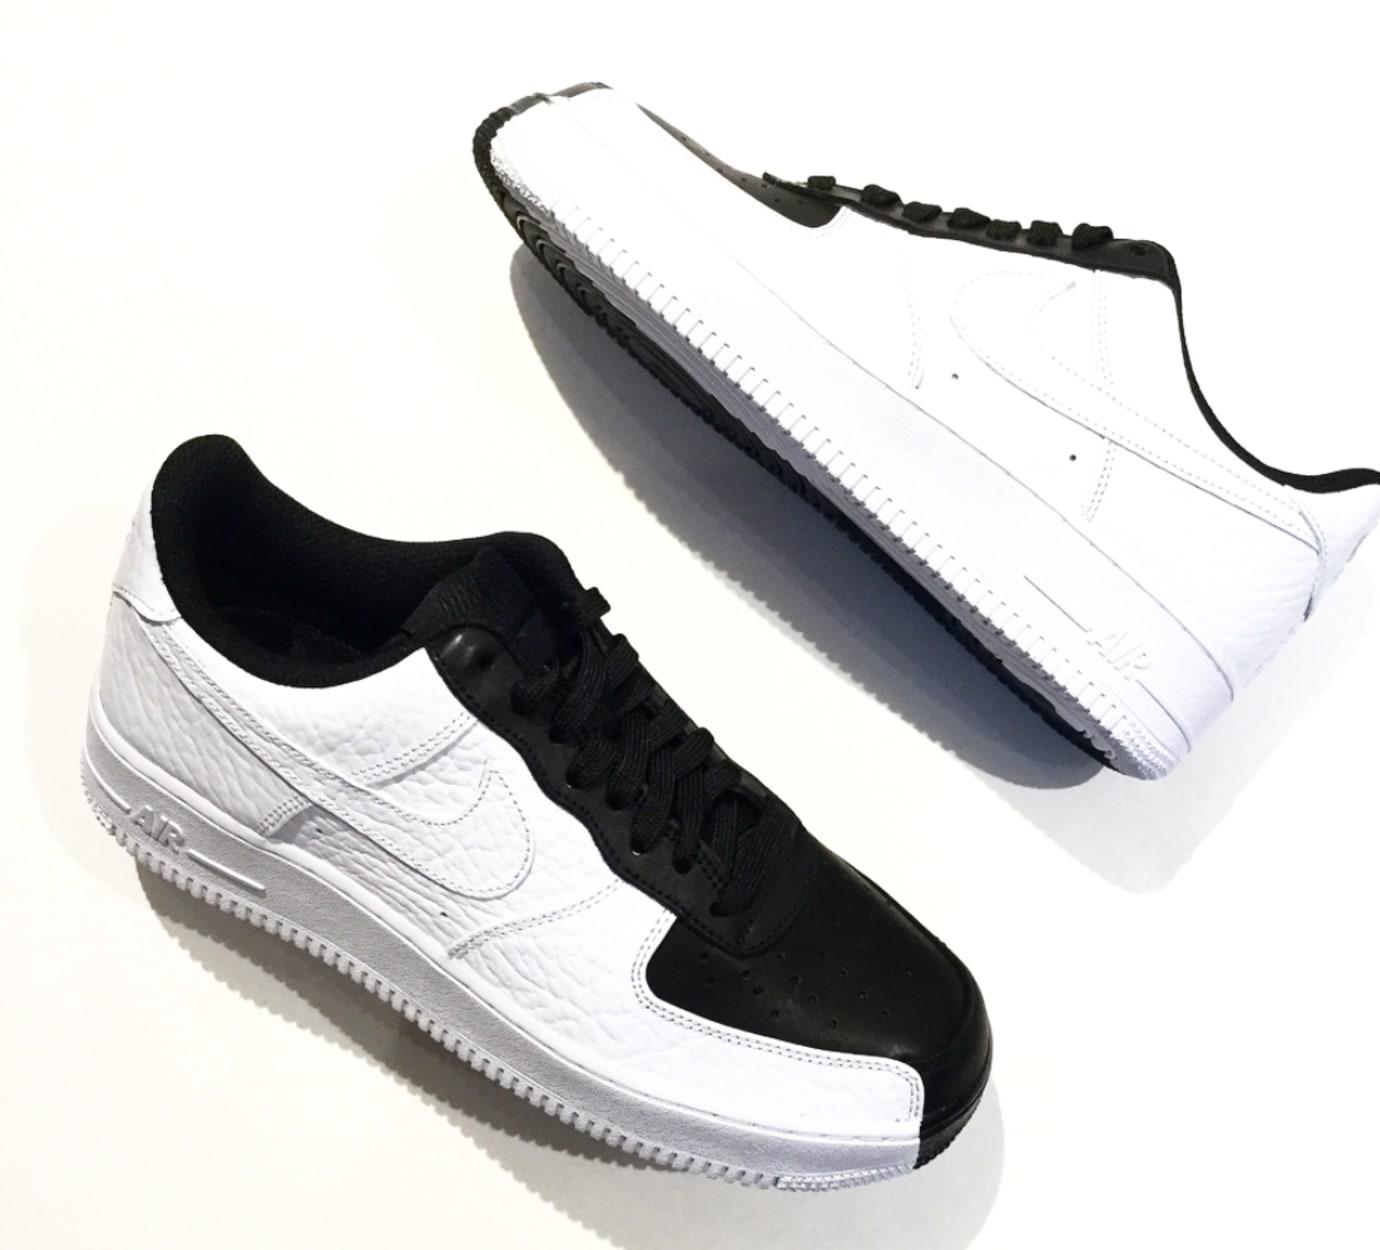 Nike Air Force 1 Low Split 905345 004 | SneakerFiles